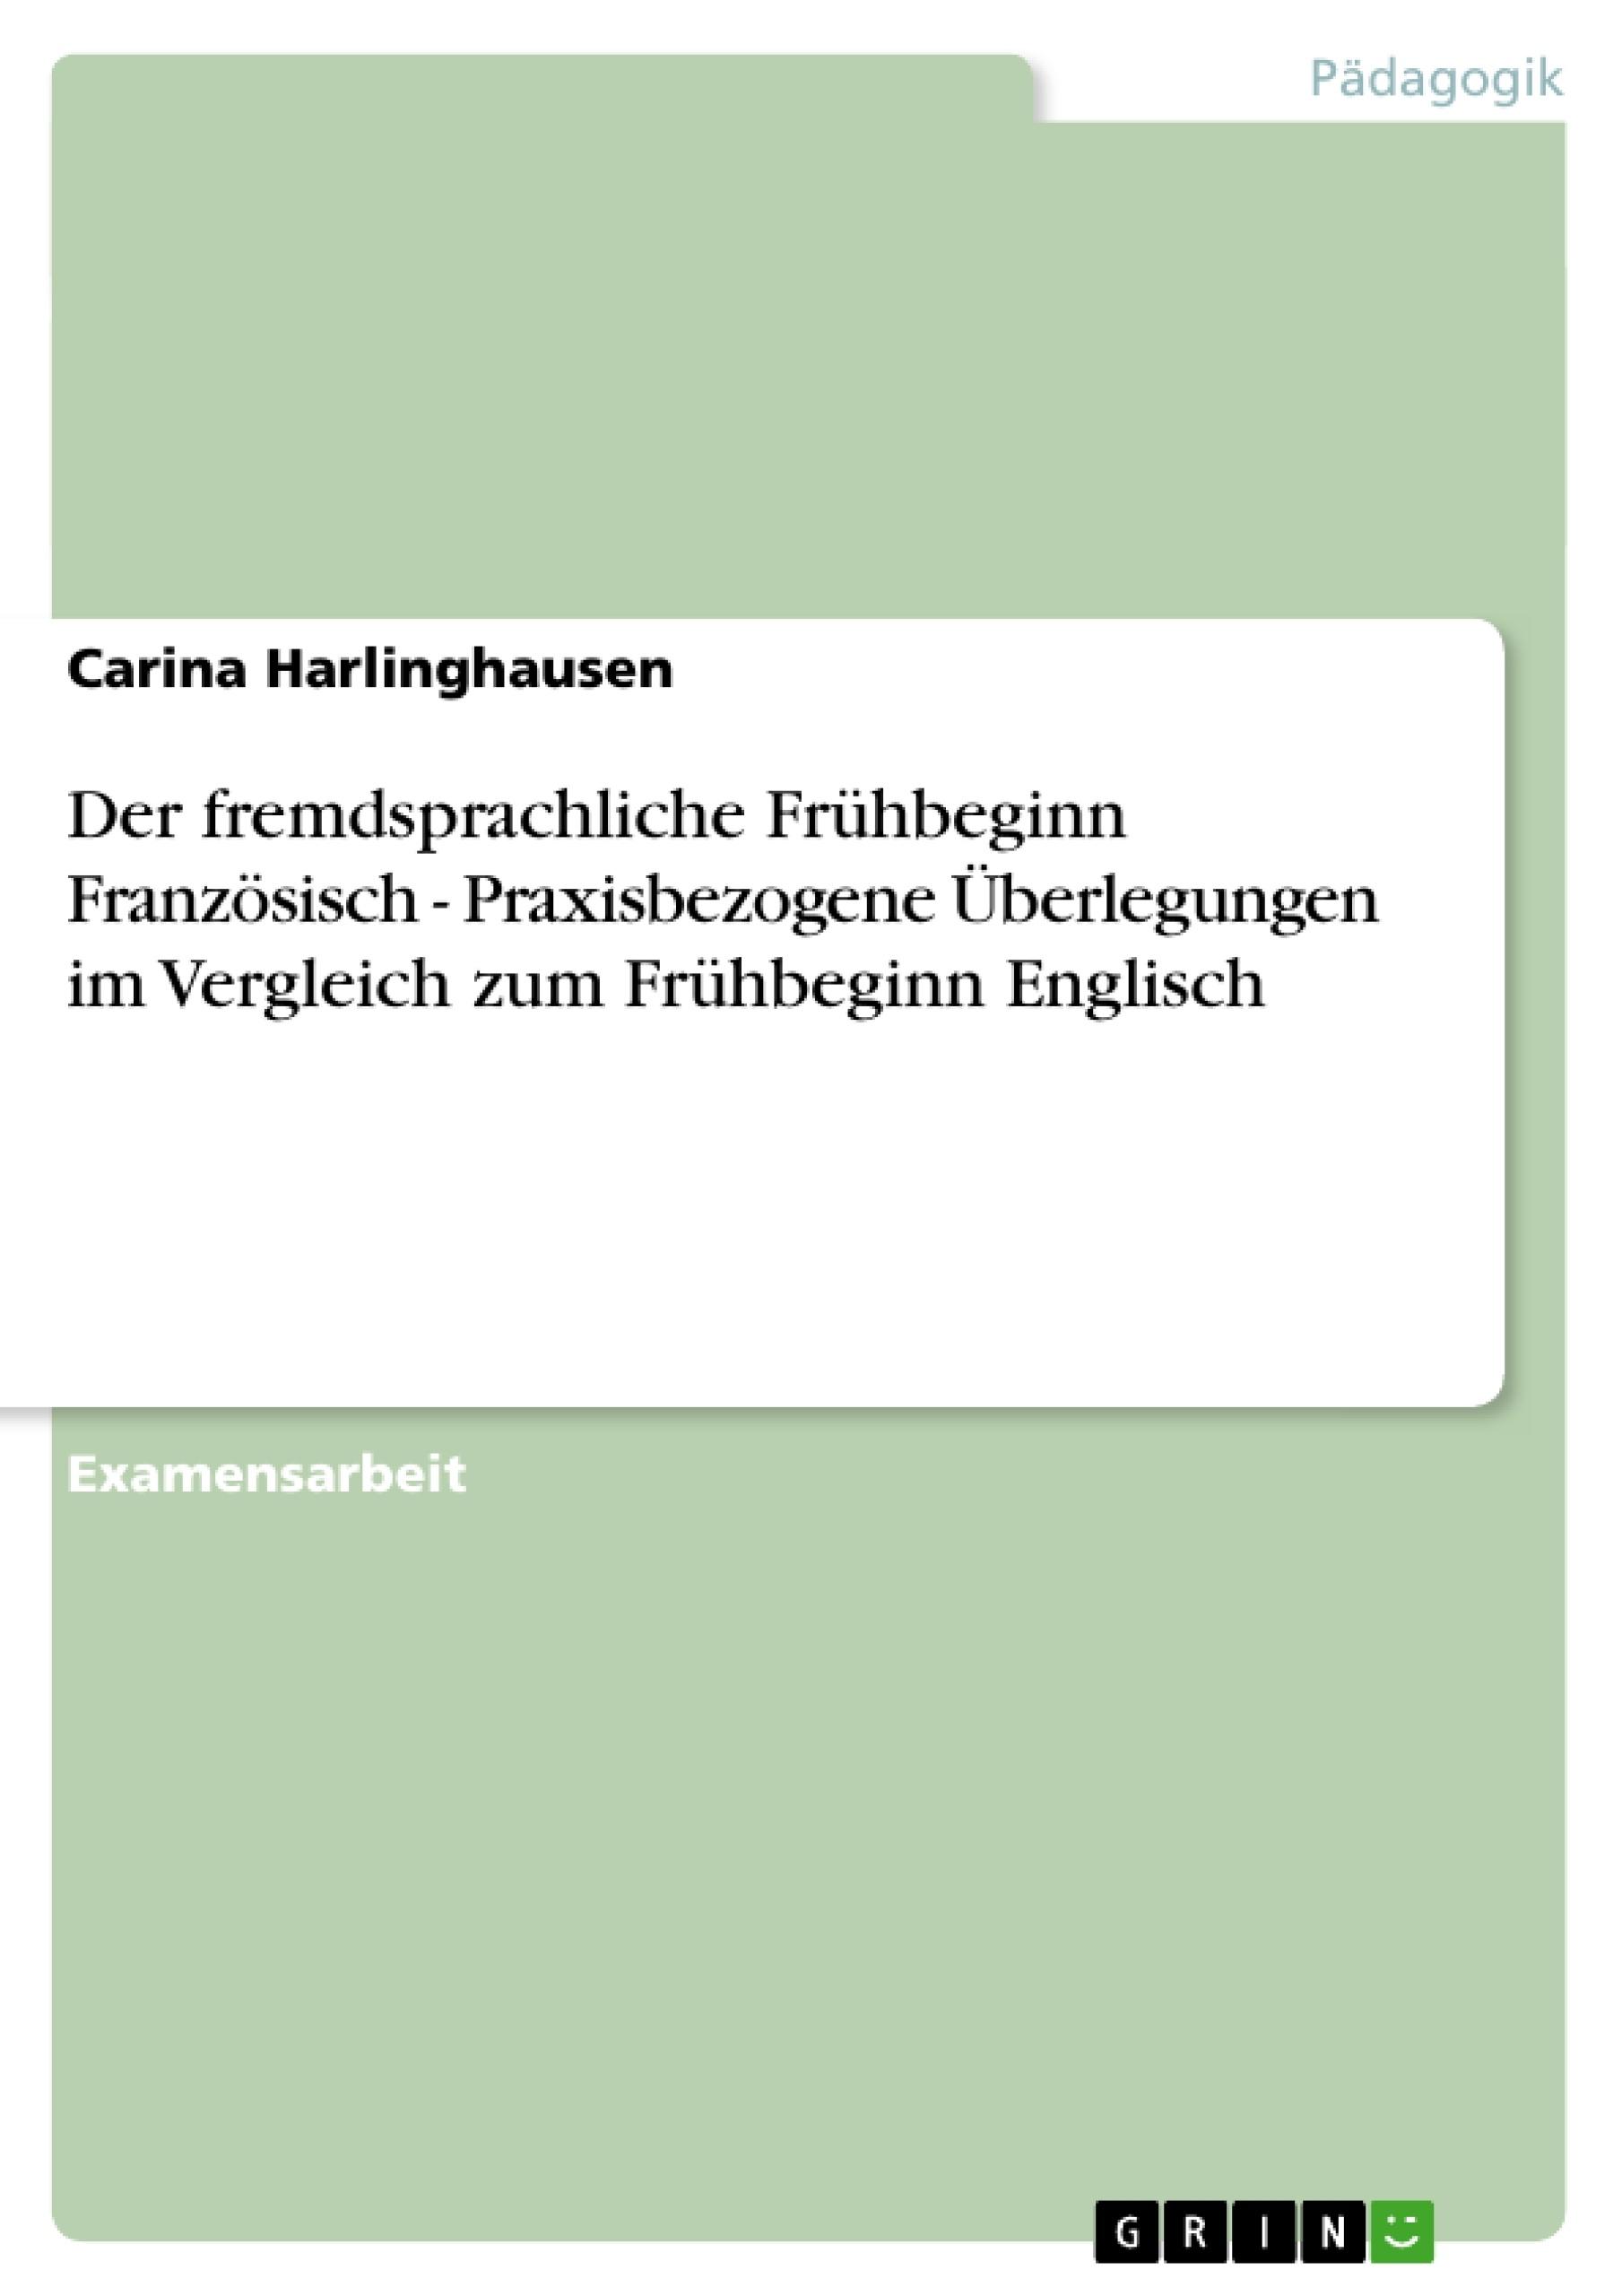 Titel: Der fremdsprachliche Frühbeginn Französisch - Praxisbezogene Überlegungen im Vergleich zum Frühbeginn Englisch